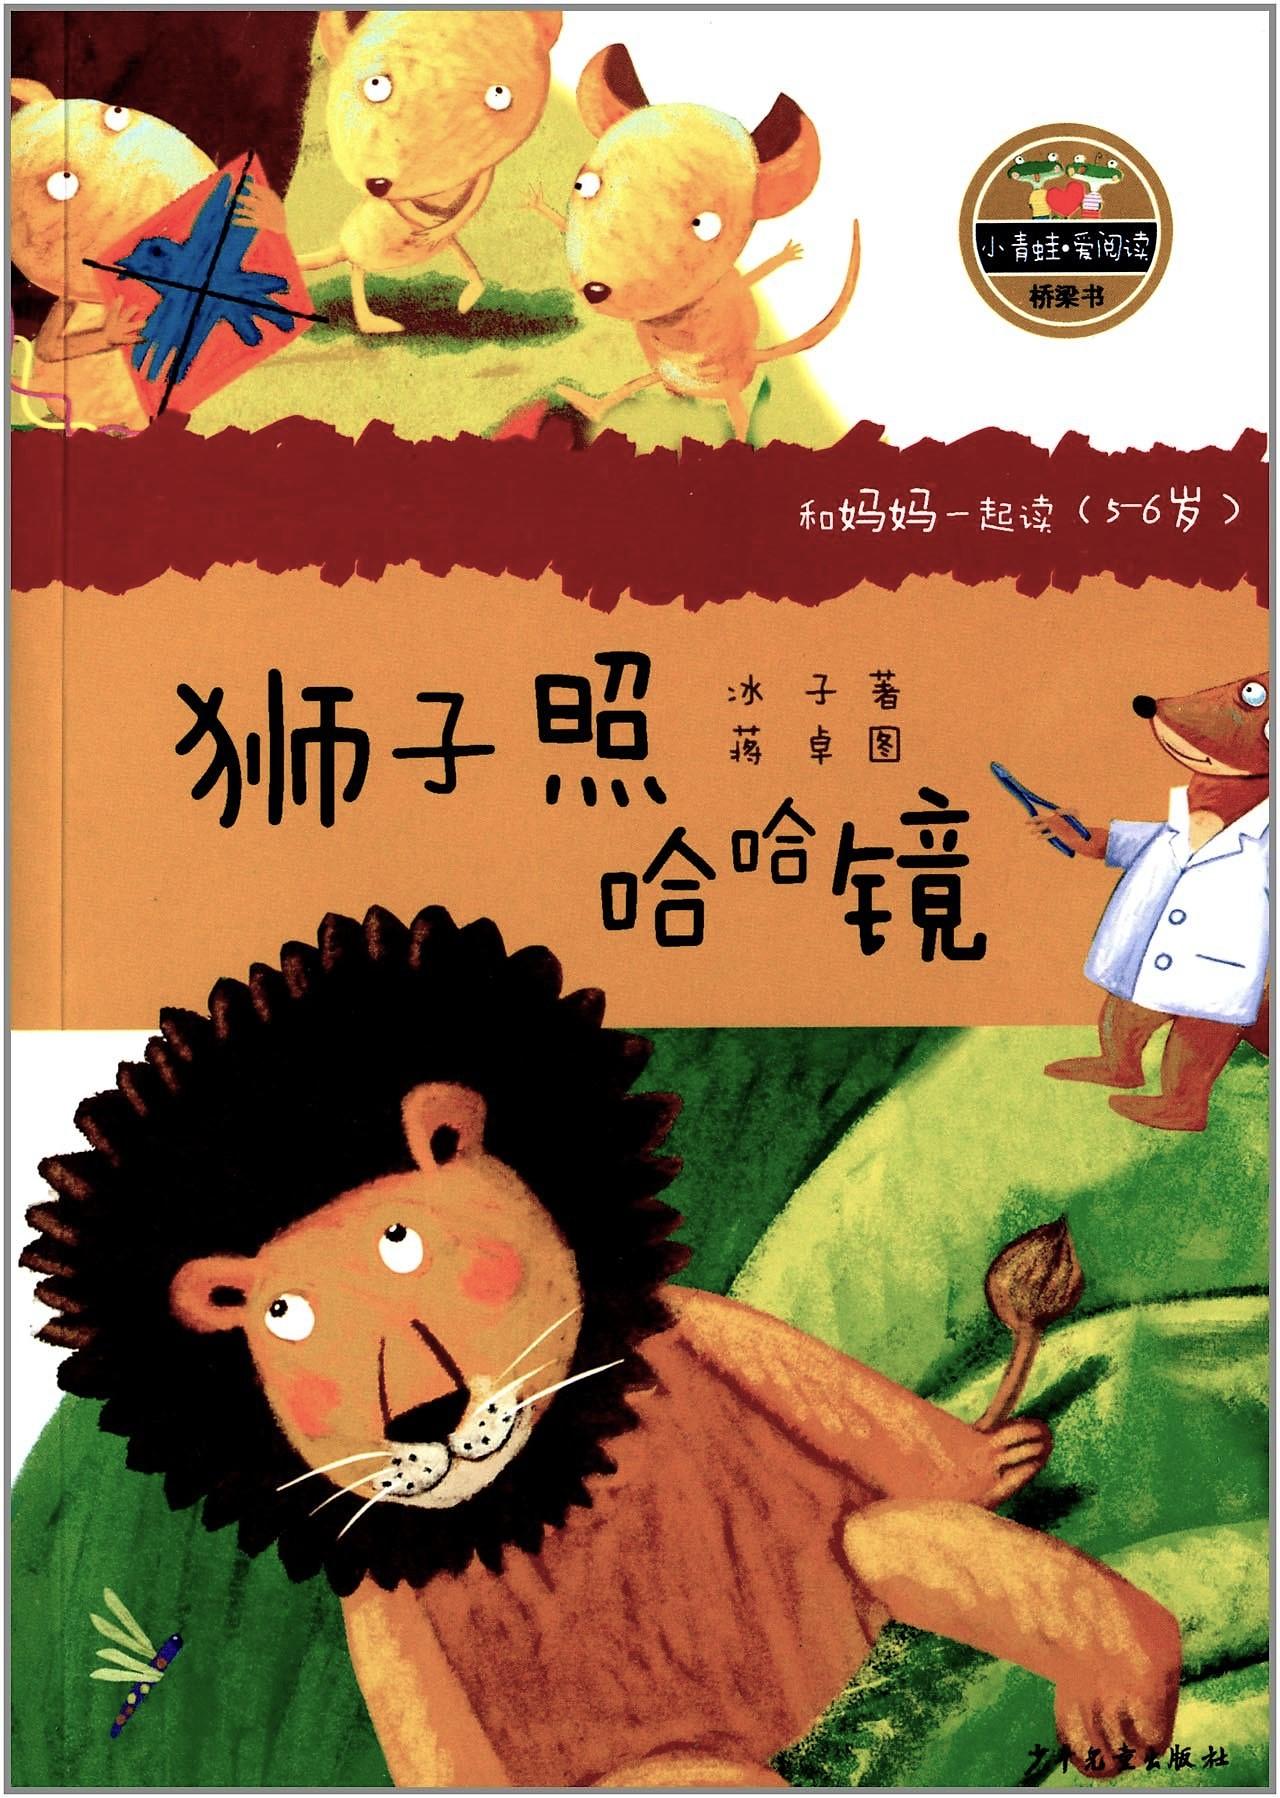 小青蛙·爱阅读(桥梁书):狮子照哈哈镜